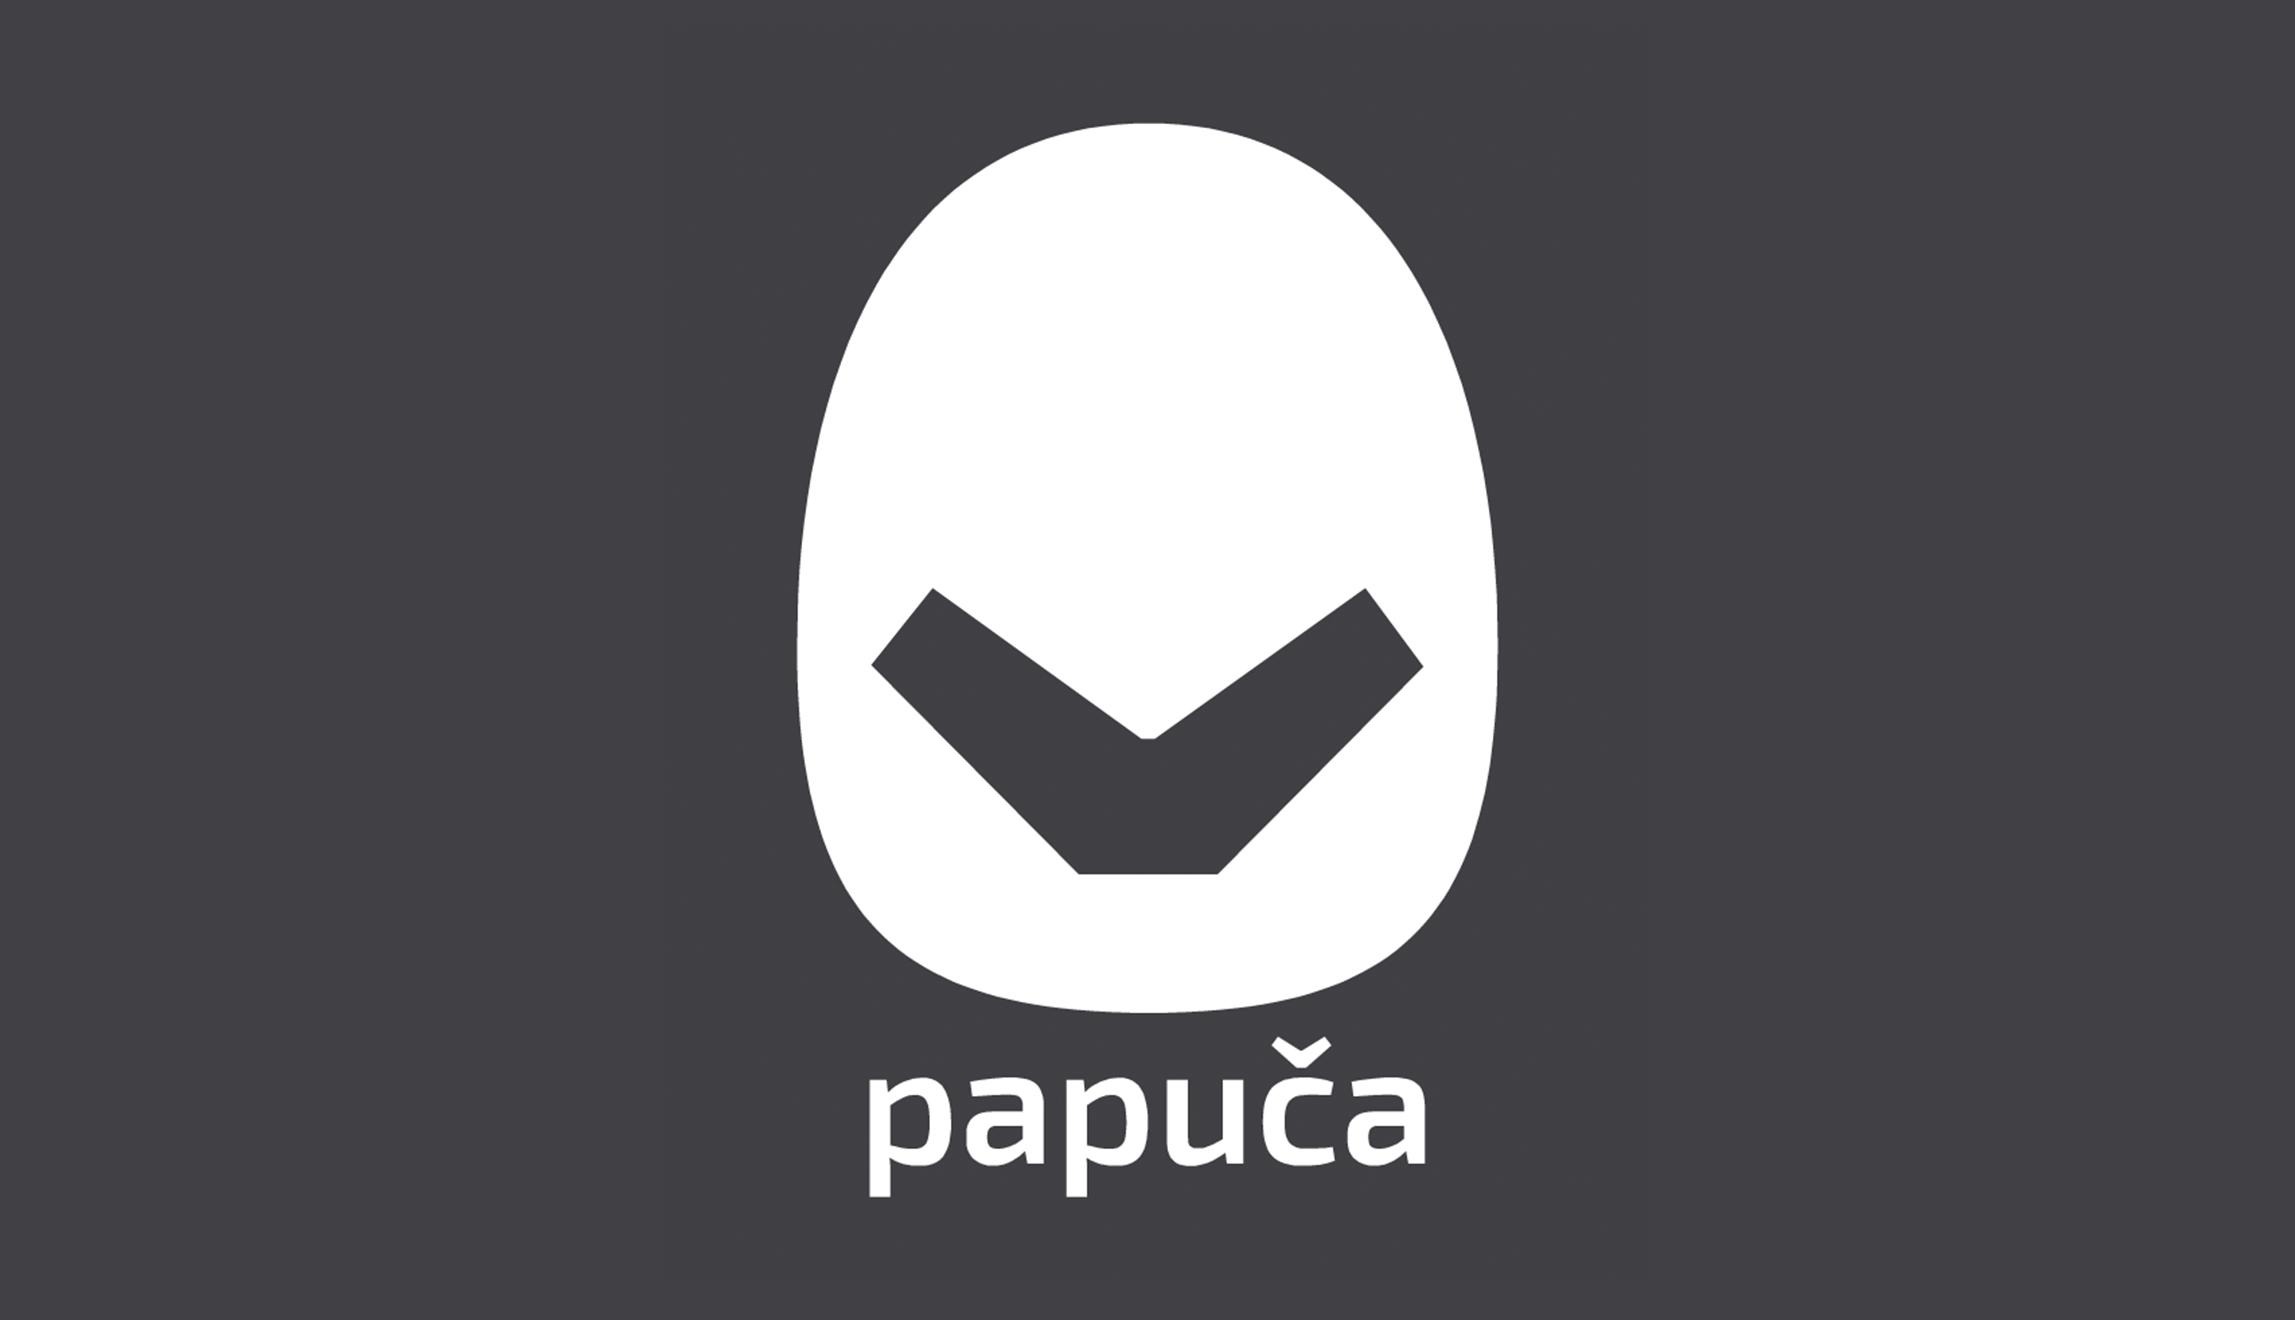 Papuca-7